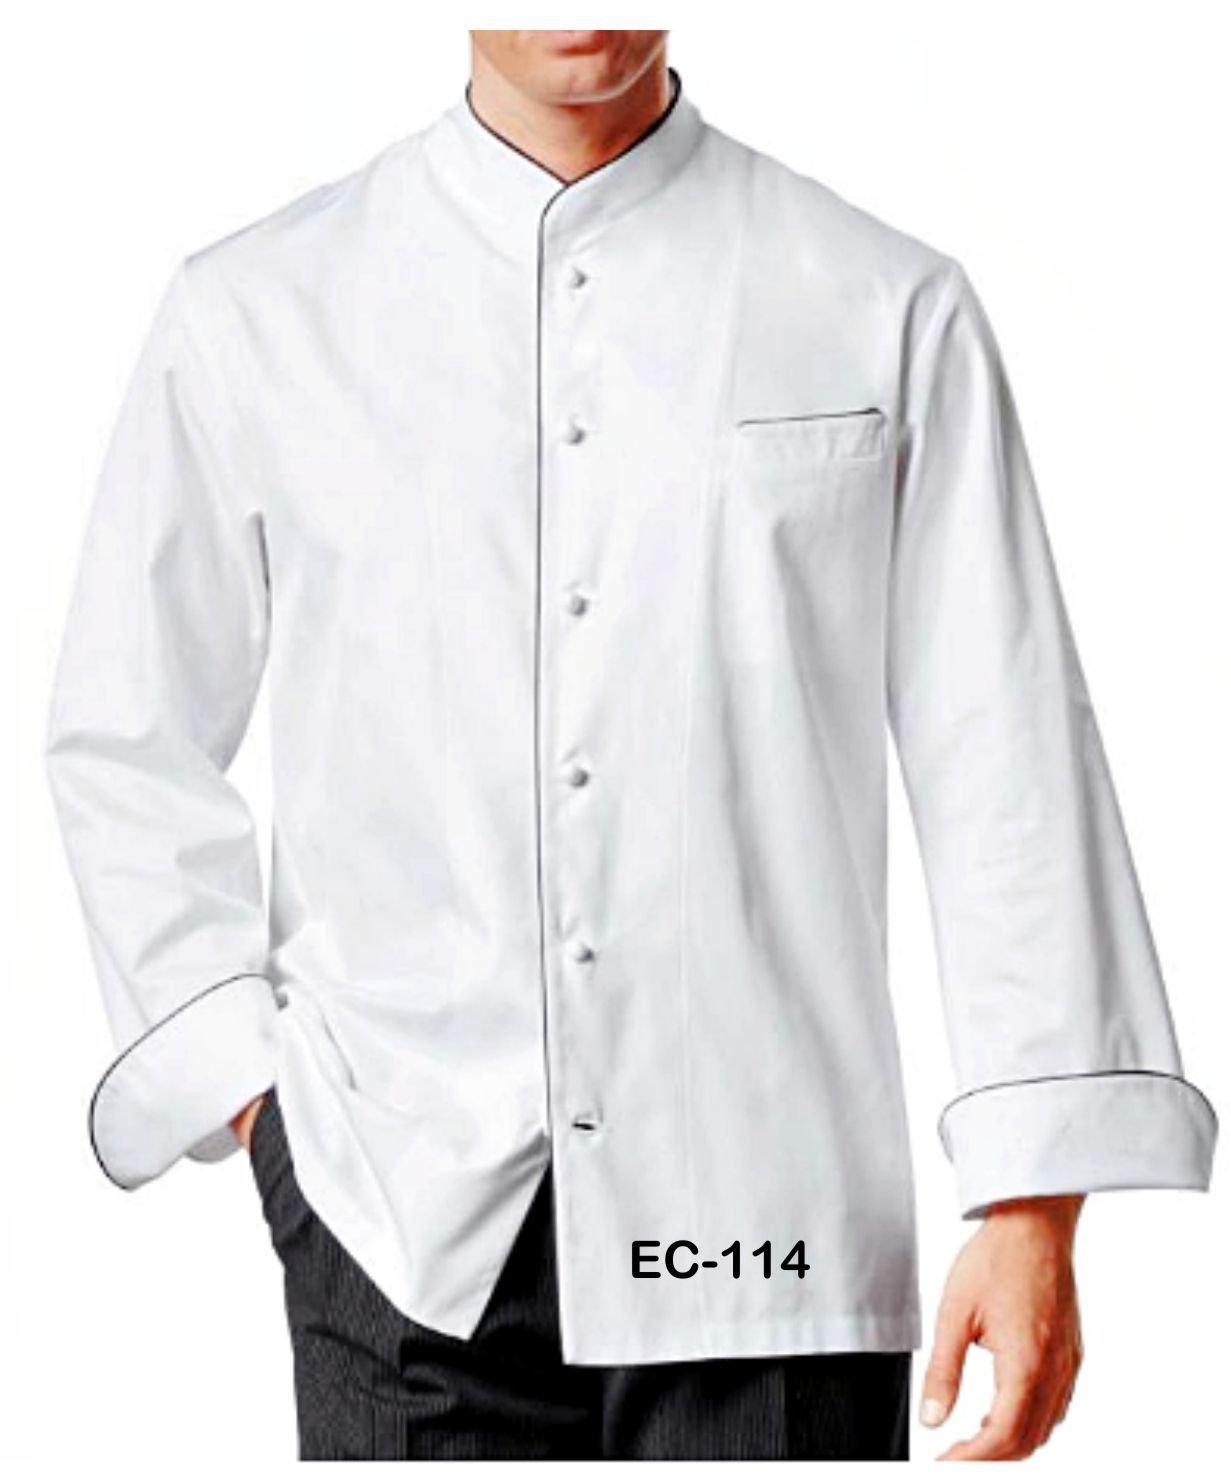 EC114 EXECUTIVE CHEF COAT